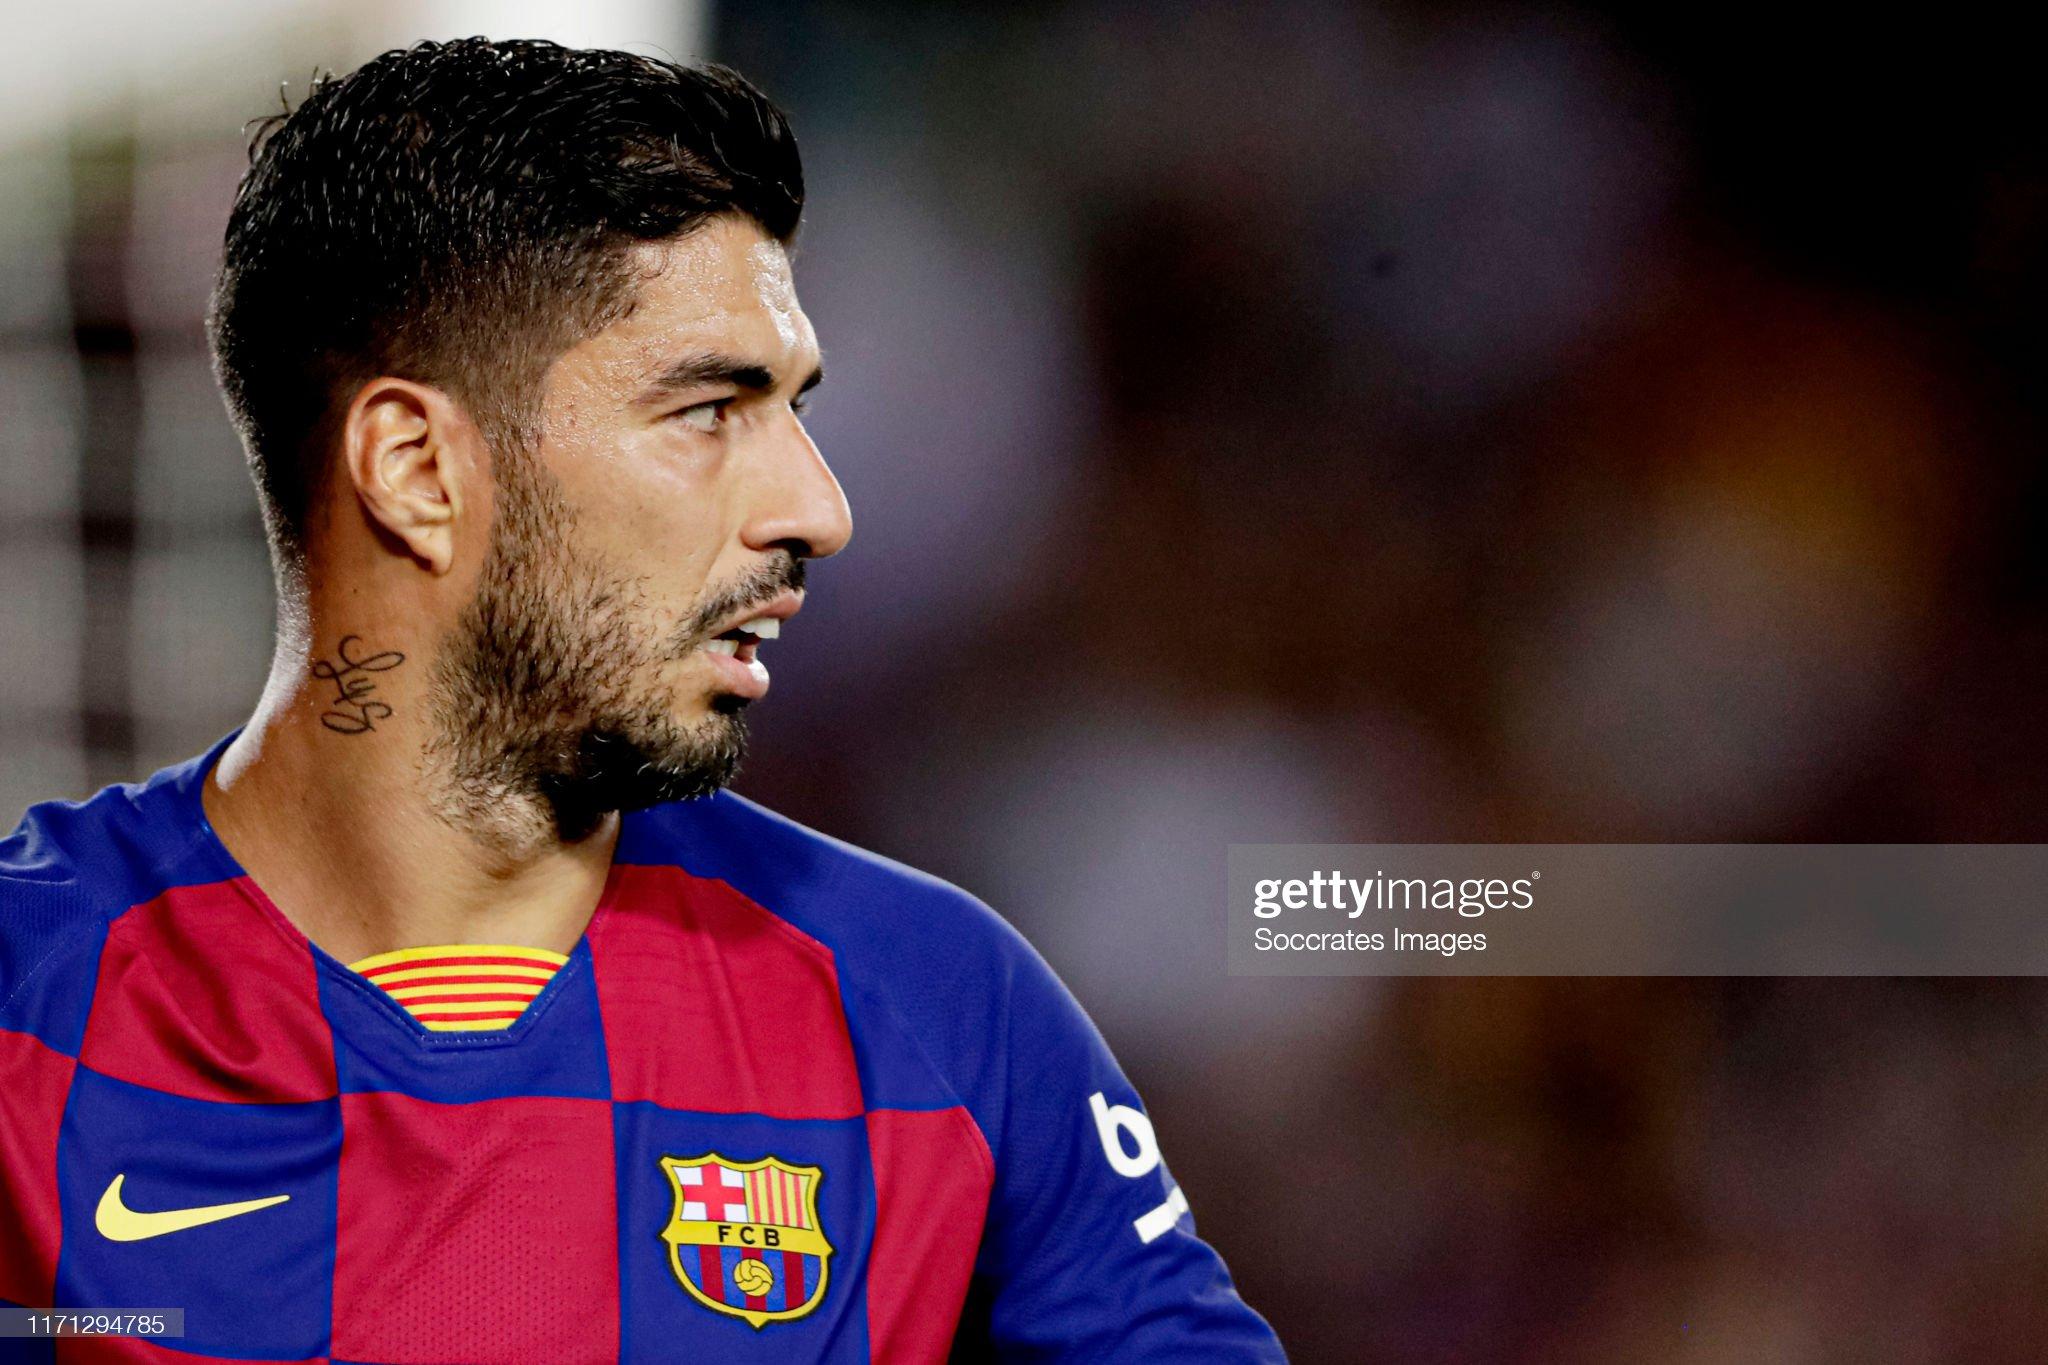 صور مباراة : برشلونة - فياريال 2-1 ( 24-09-2019 )  Luis-suarez-of-fc-barcelona-during-the-la-liga-santander-match-fc-v-picture-id1171294785?s=2048x2048